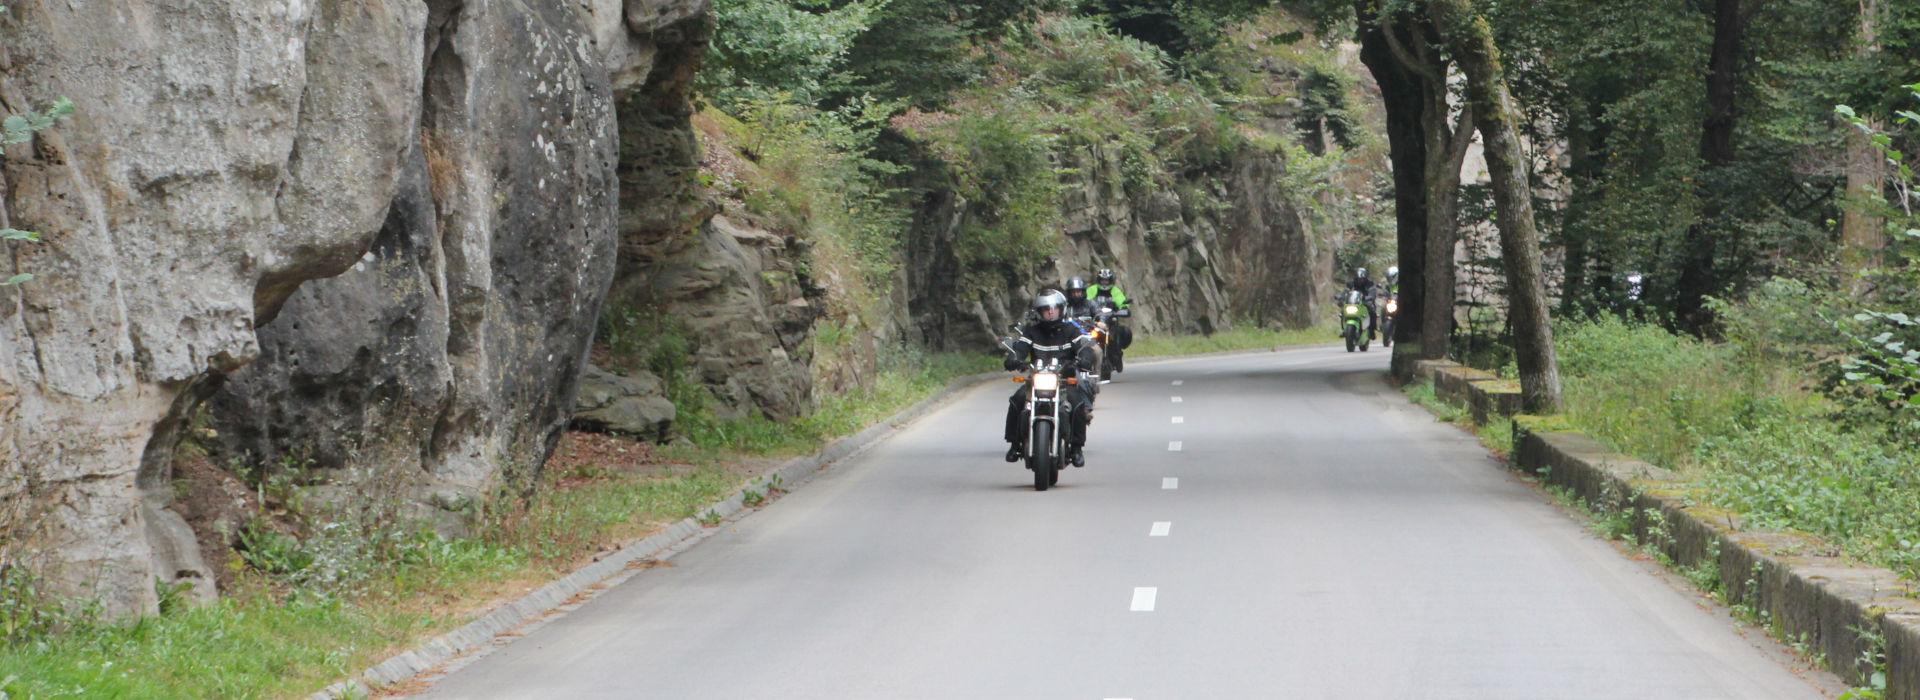 Motorrijbewijspoint Den Bosch Spoedcursus motorrijlessen